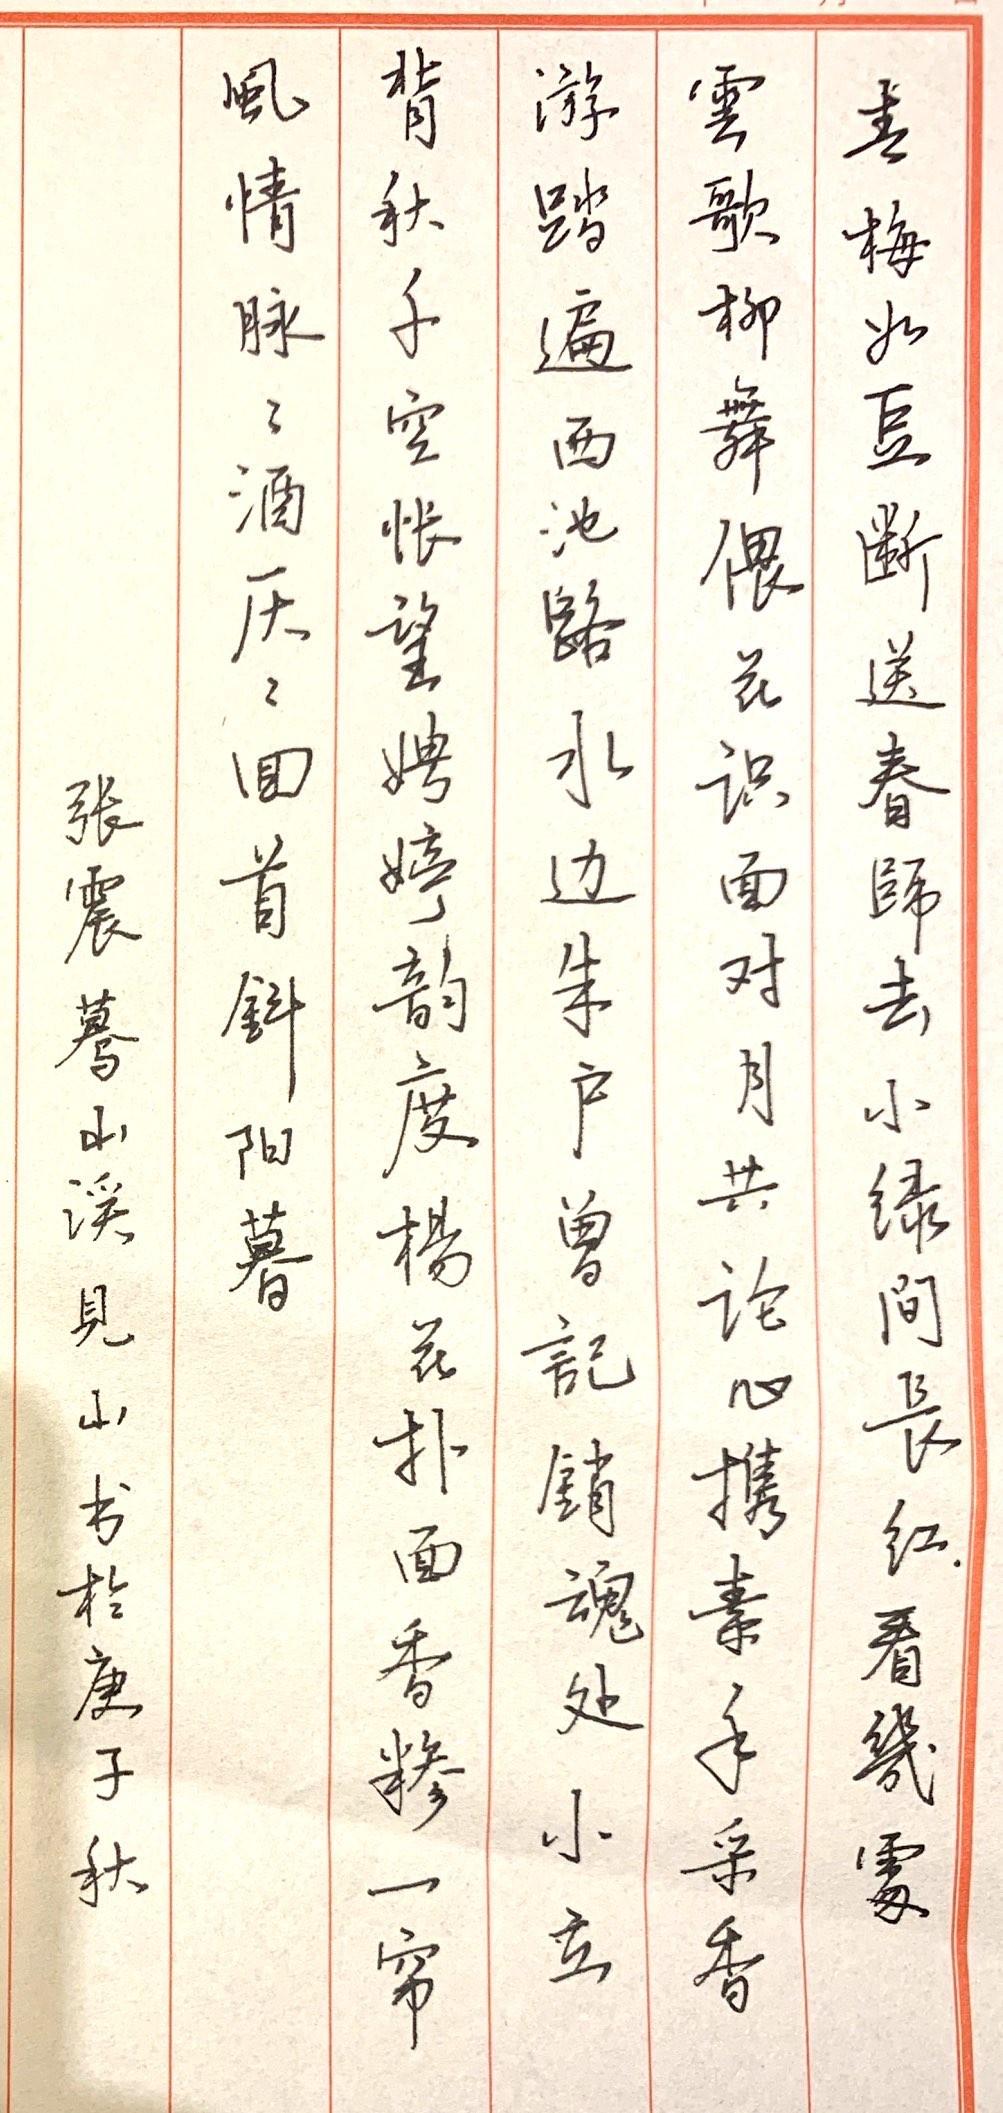 钢笔字练字打卡20201027-03